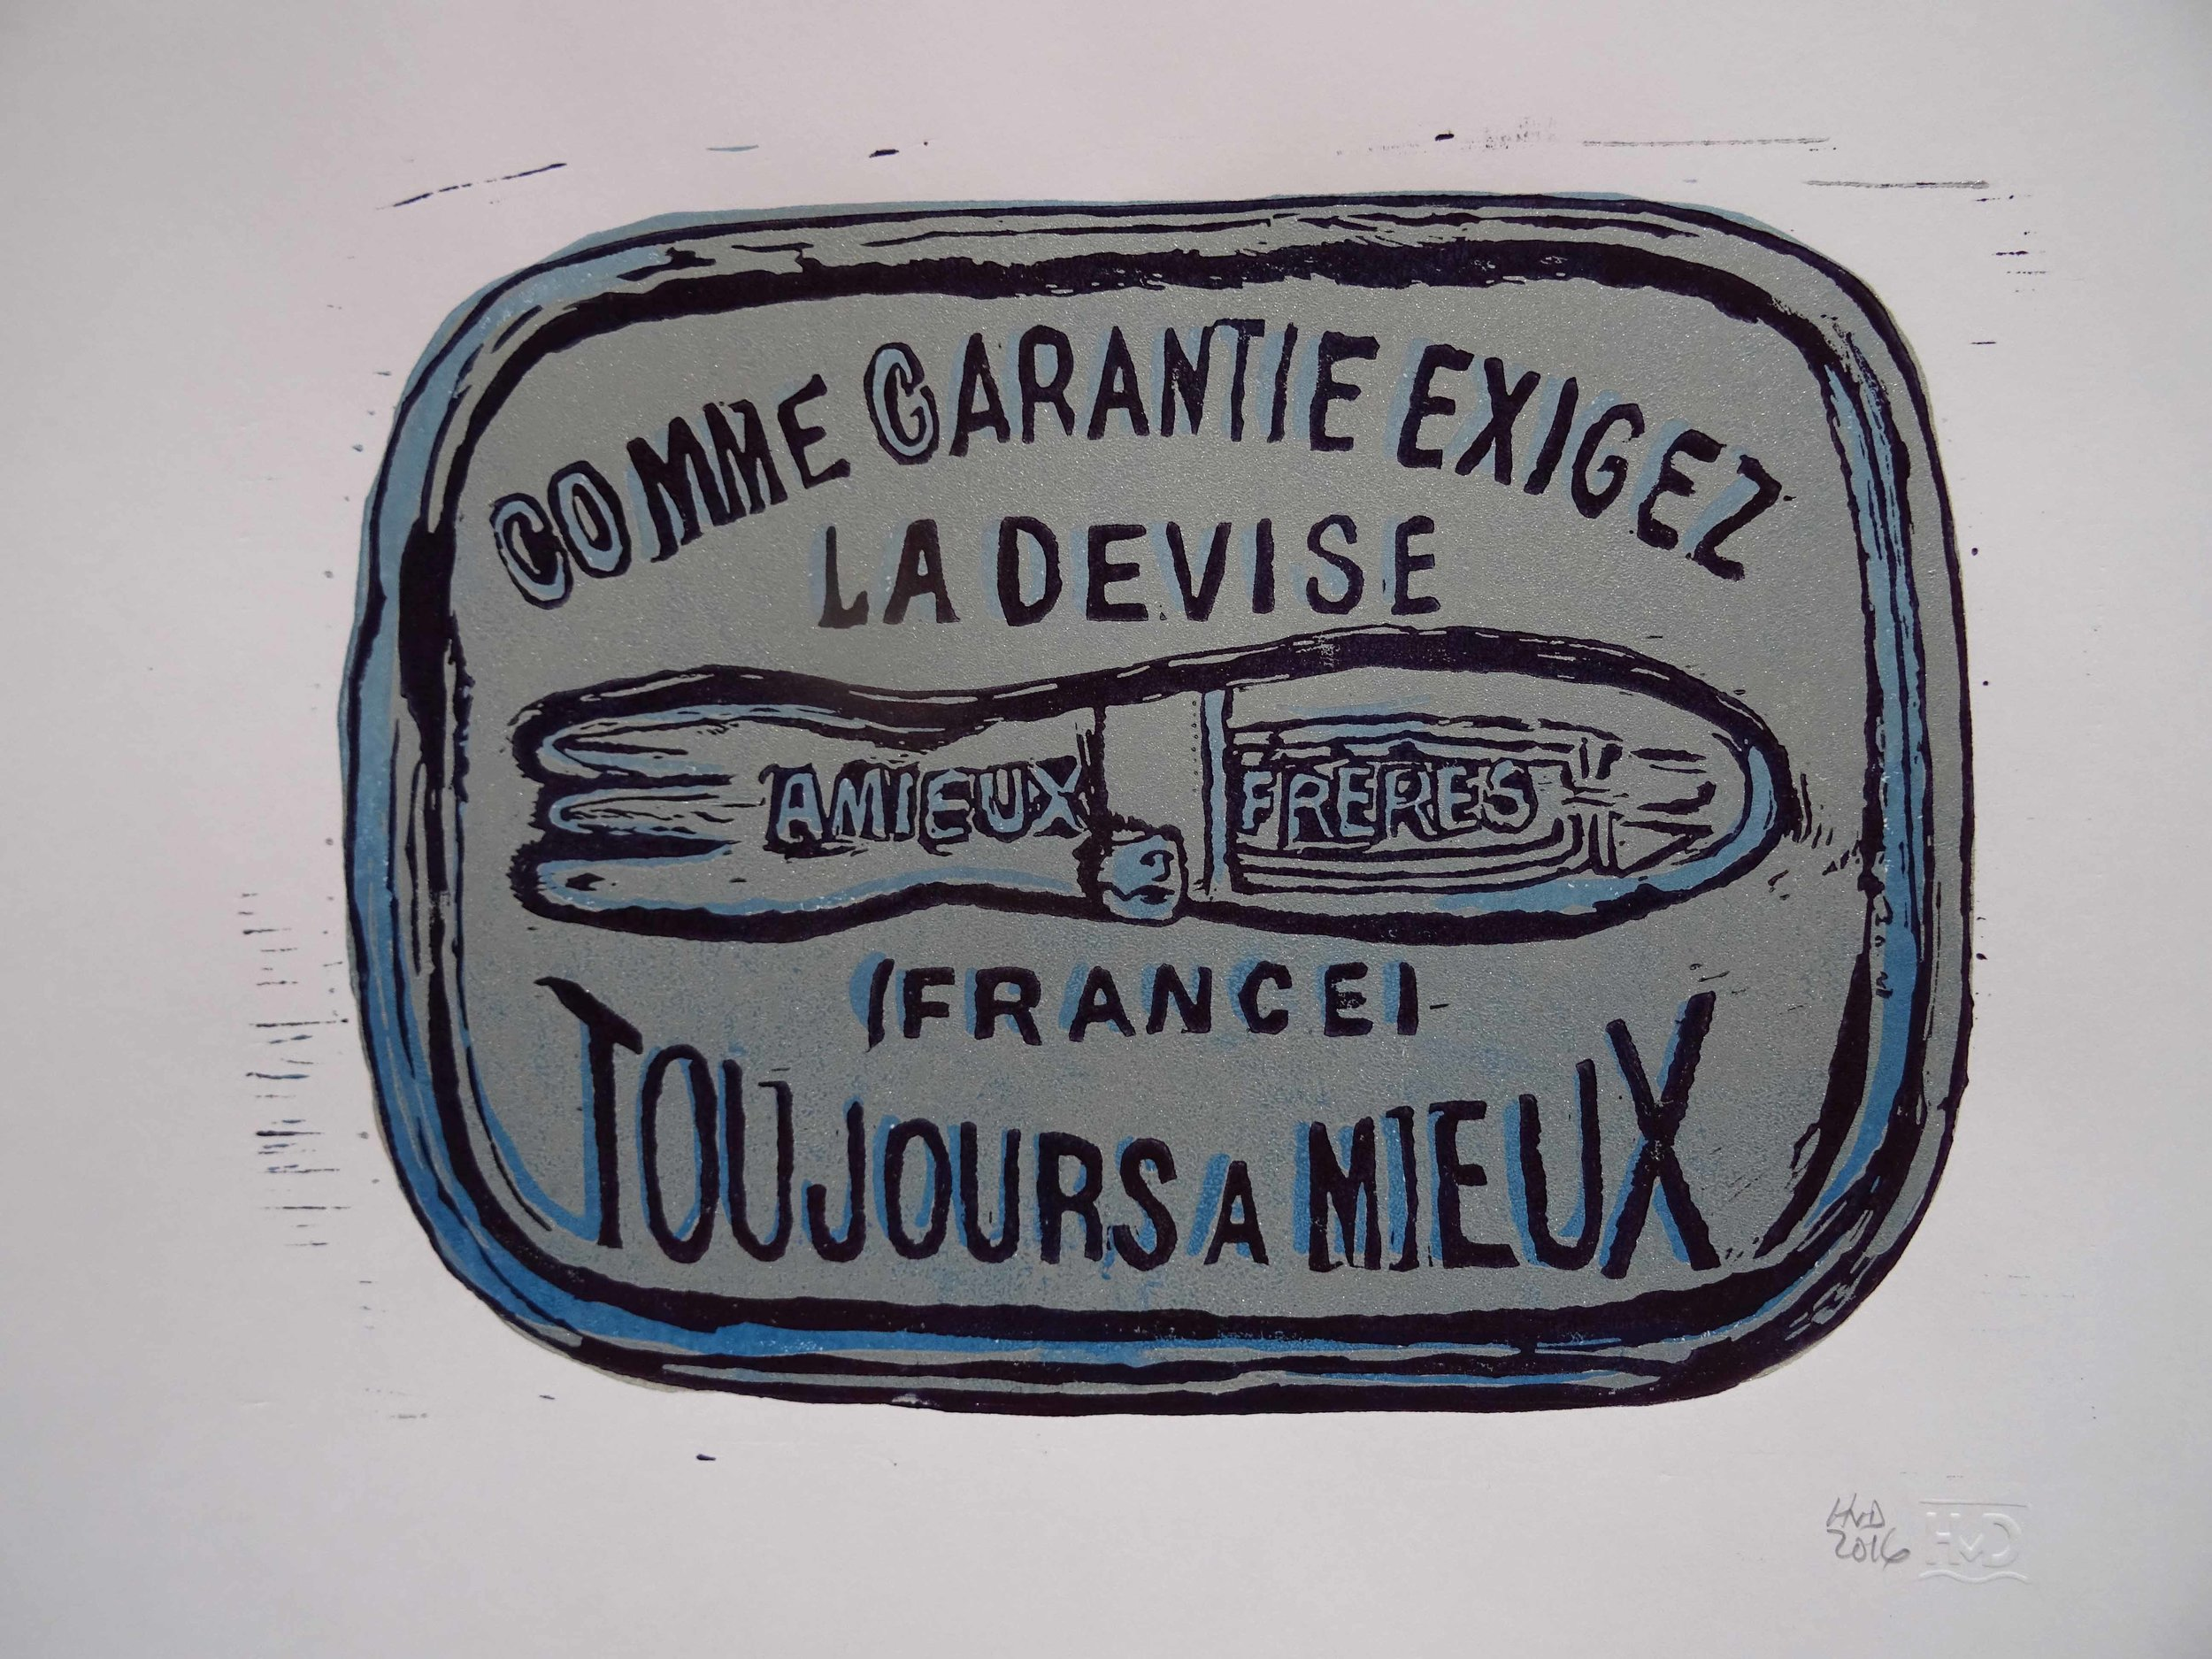 222 - Boite Amieux, 2-plate lino 21x30 cm, 70 €